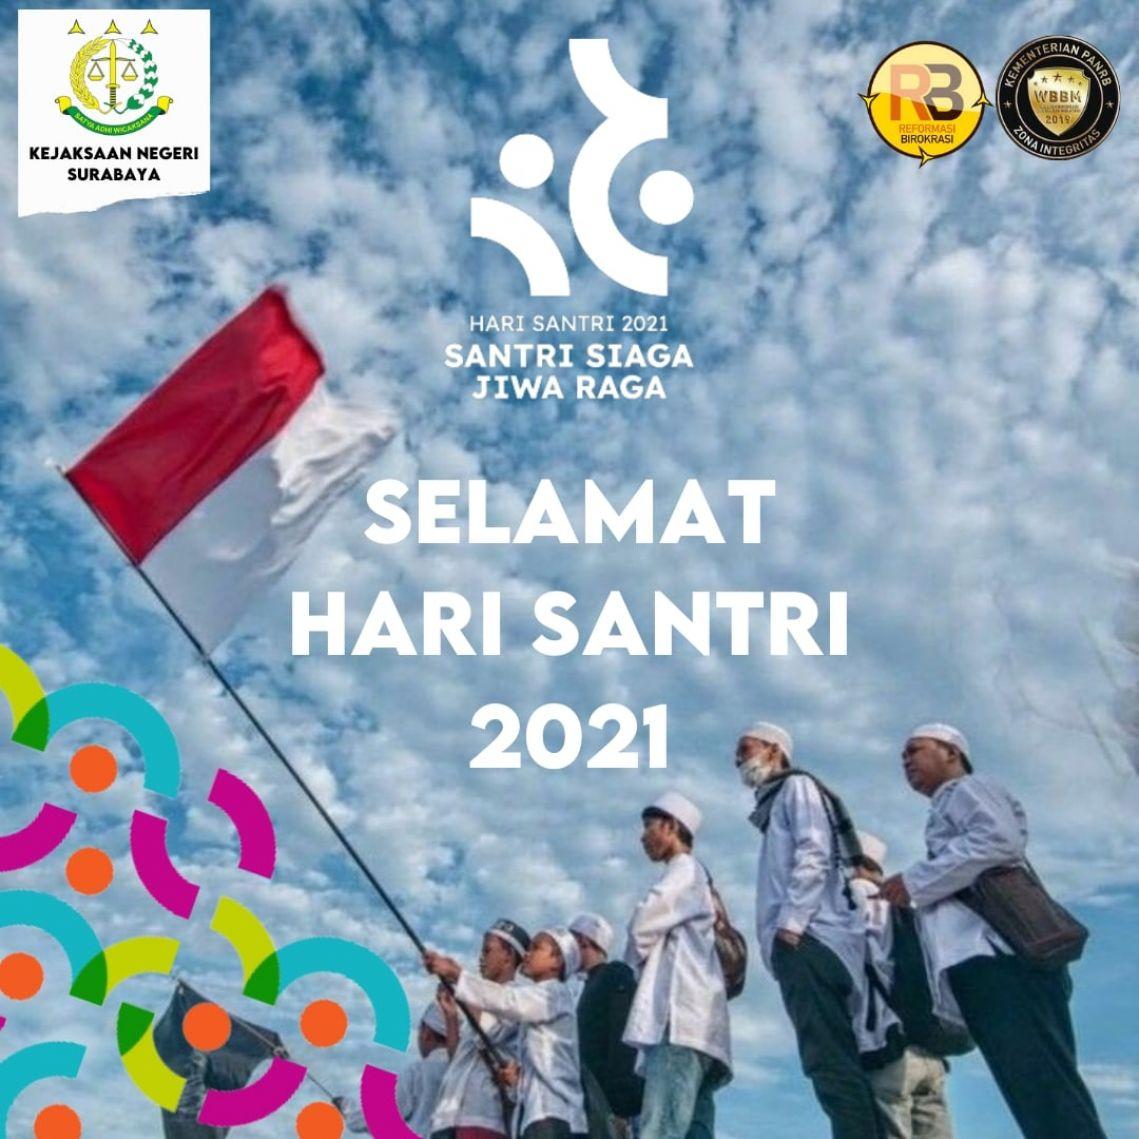 SELAMAT HARI SANTRI 2021